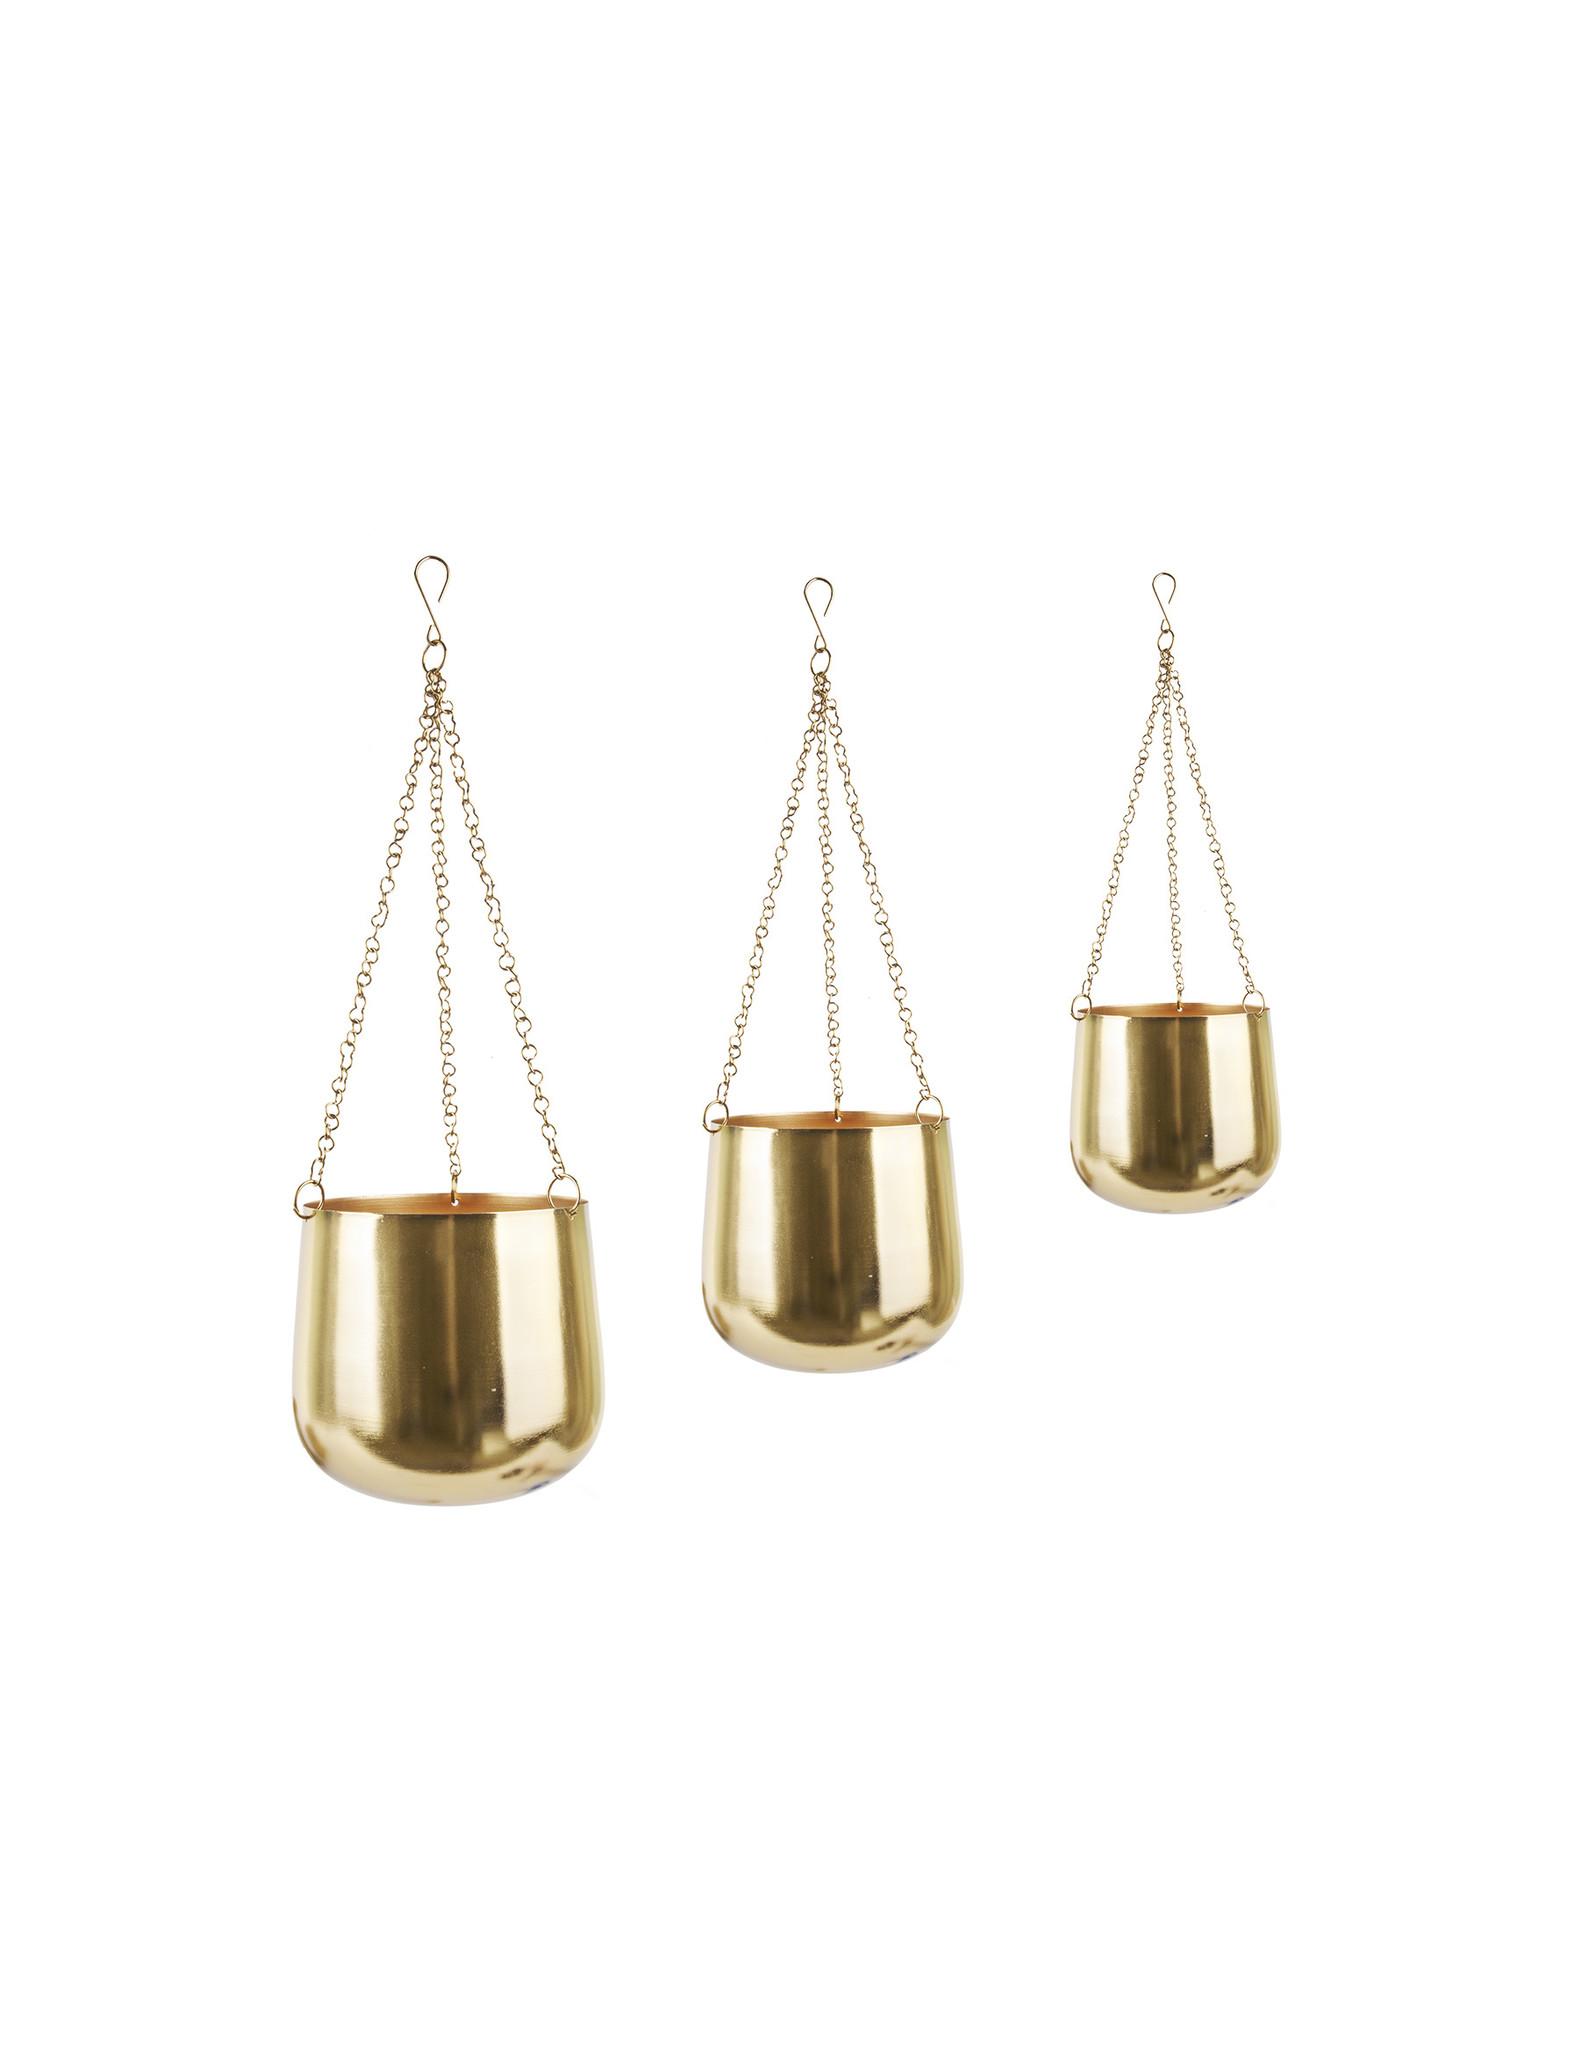 Originele gouden hangpotten van Present Time